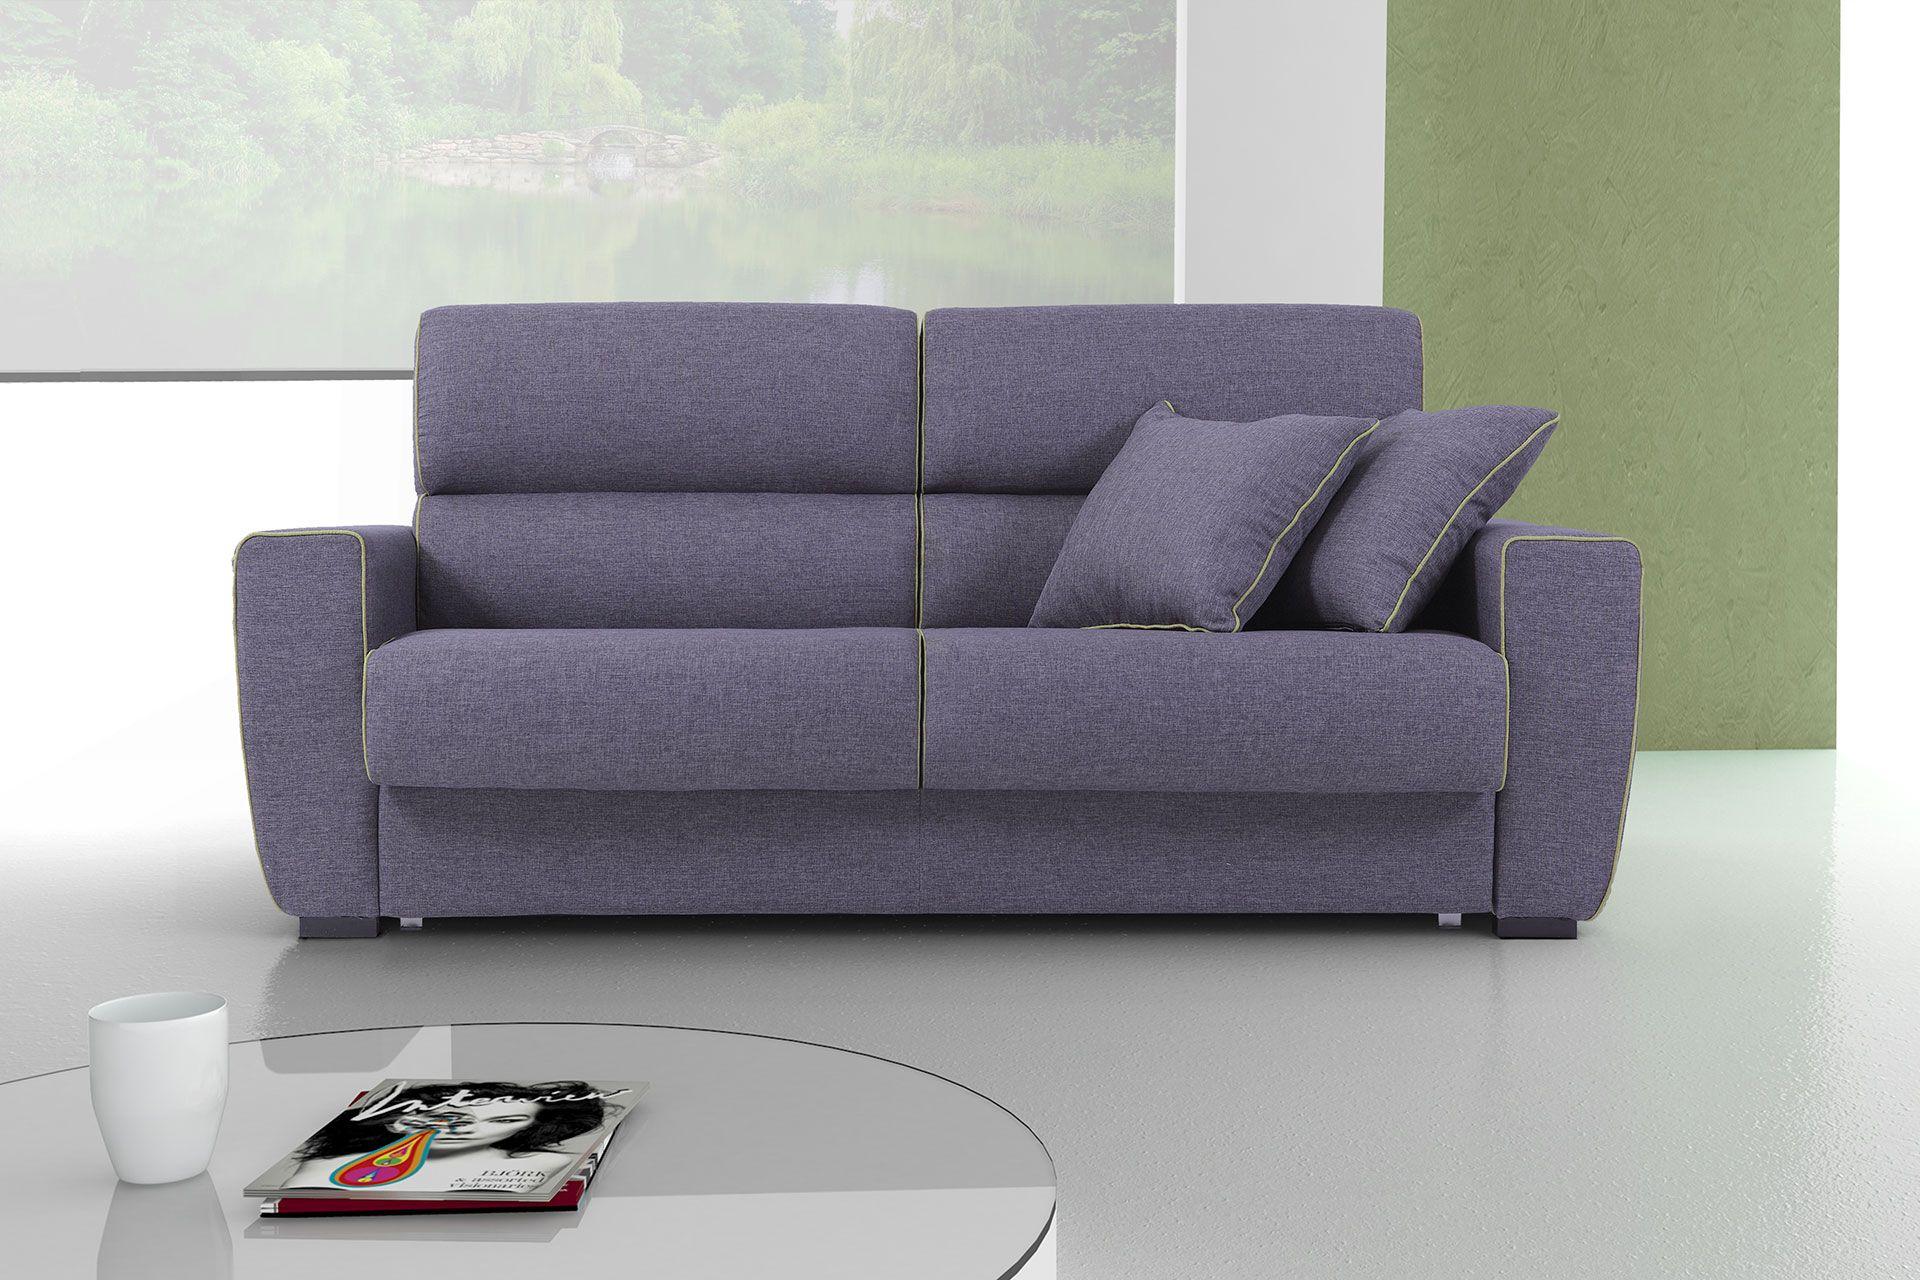 sofas huelva, sofas en huelva, tiendas de sofás en huelva, almohadas huelva, sofás huelva, colchoneria huelva, tiendas de muebles en Huelva,